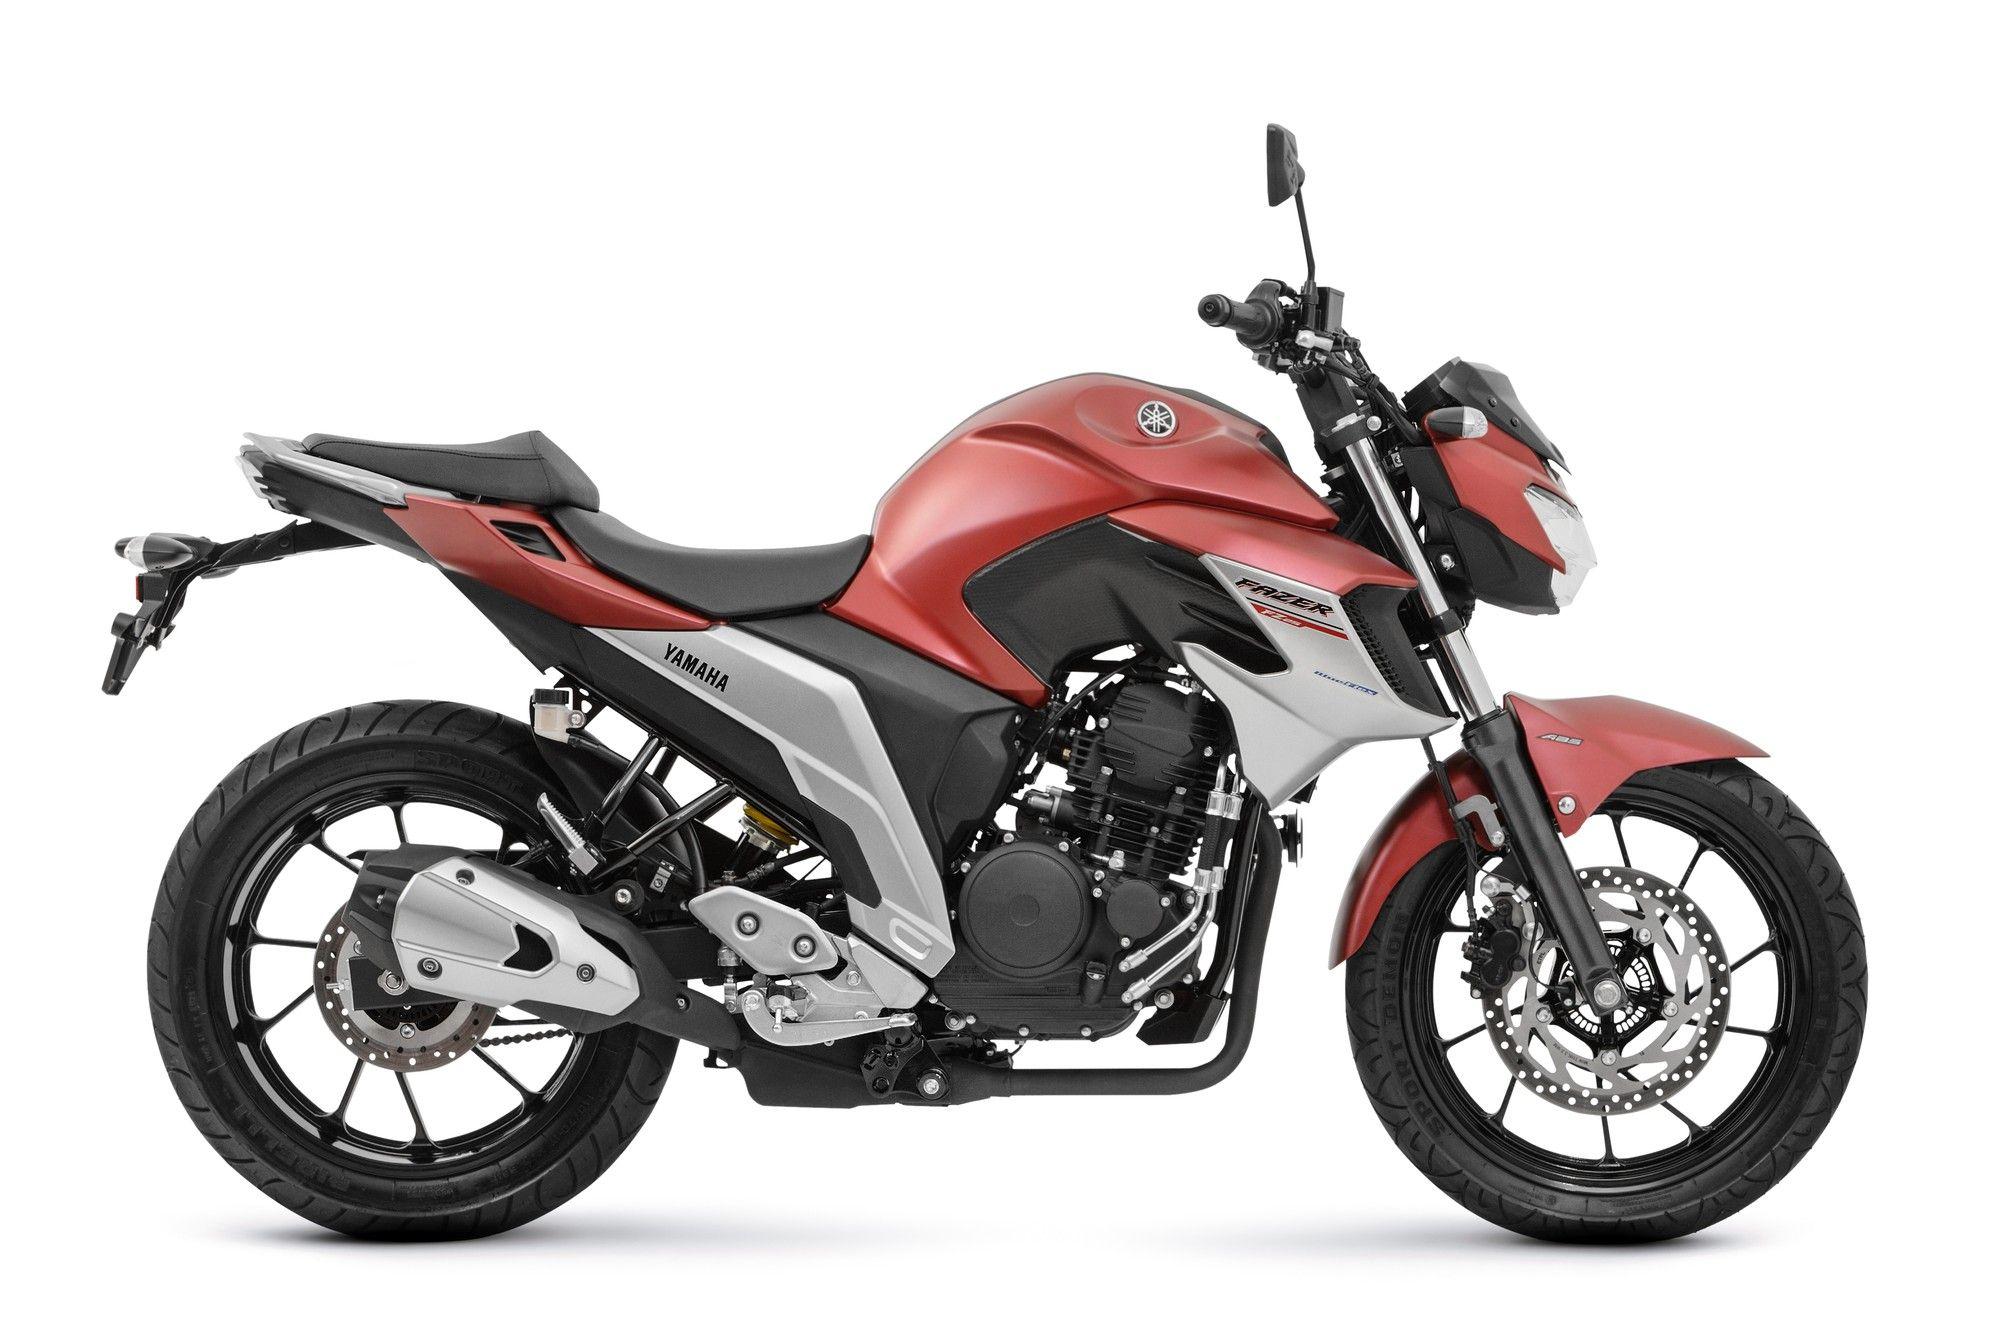 Yamaha Fazer 250 Abs 2018 Fotos Yamaha Fazer Motos Honda Cb